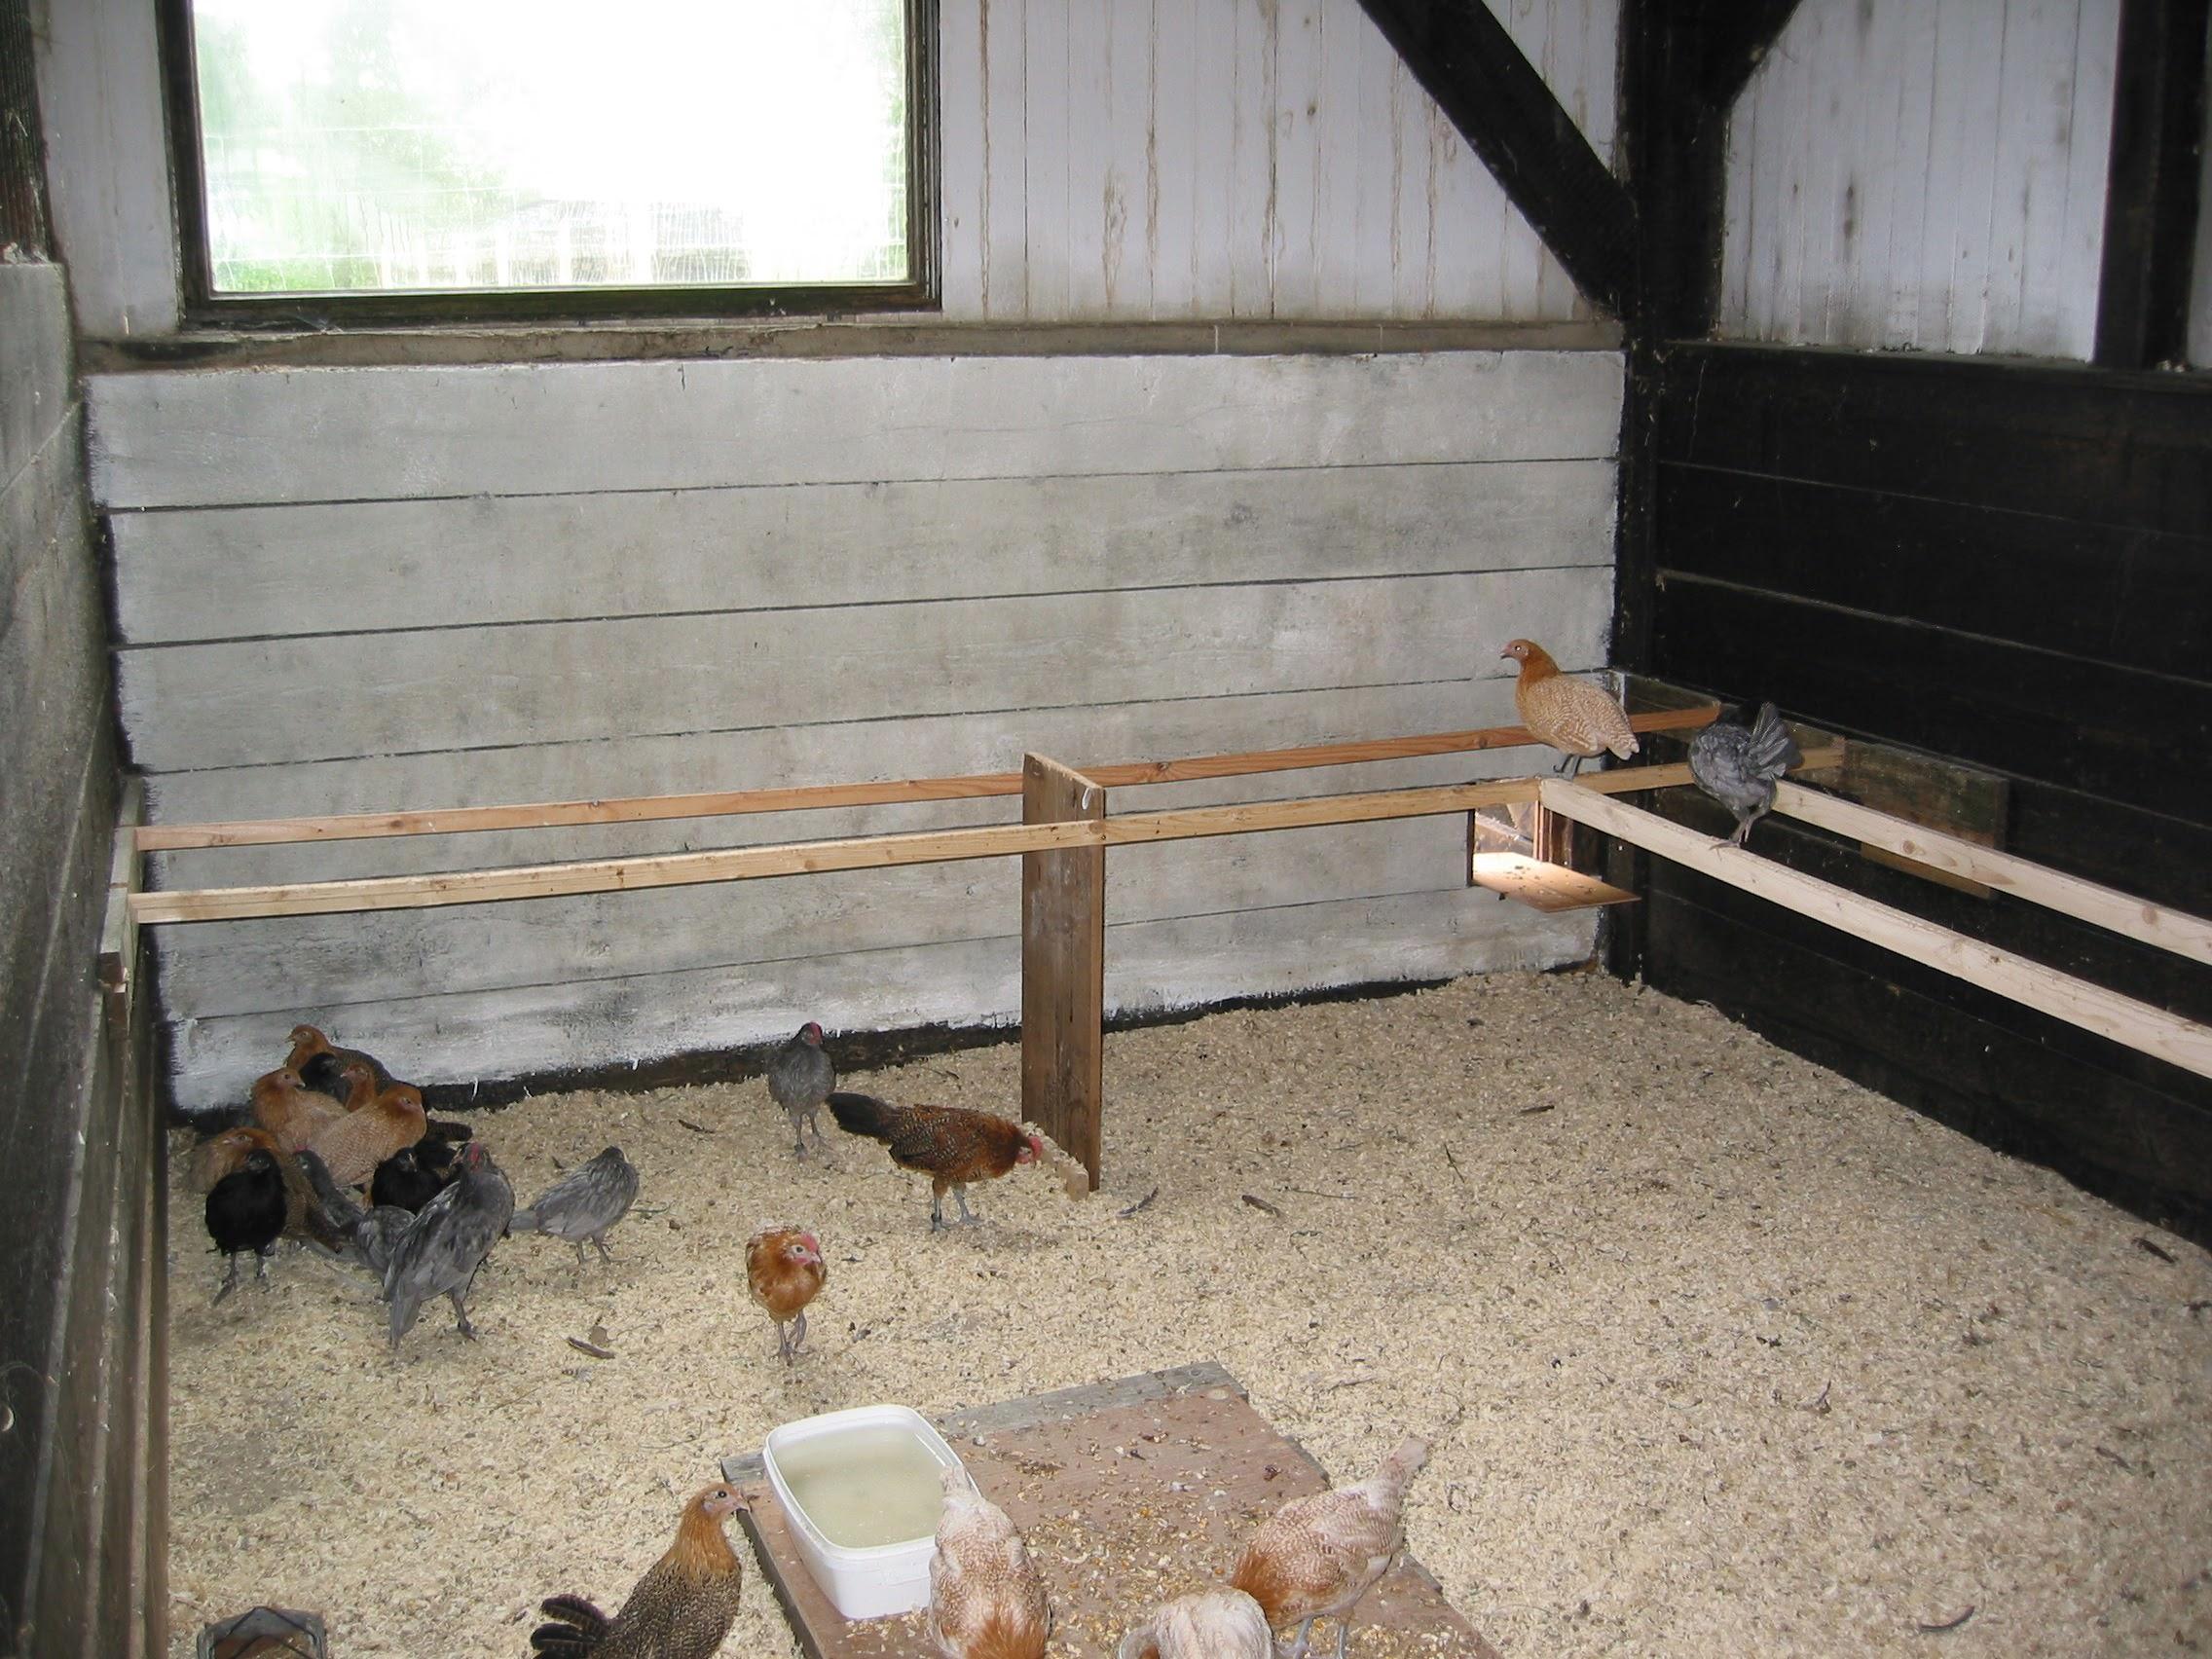 Sitzstangen im Stall